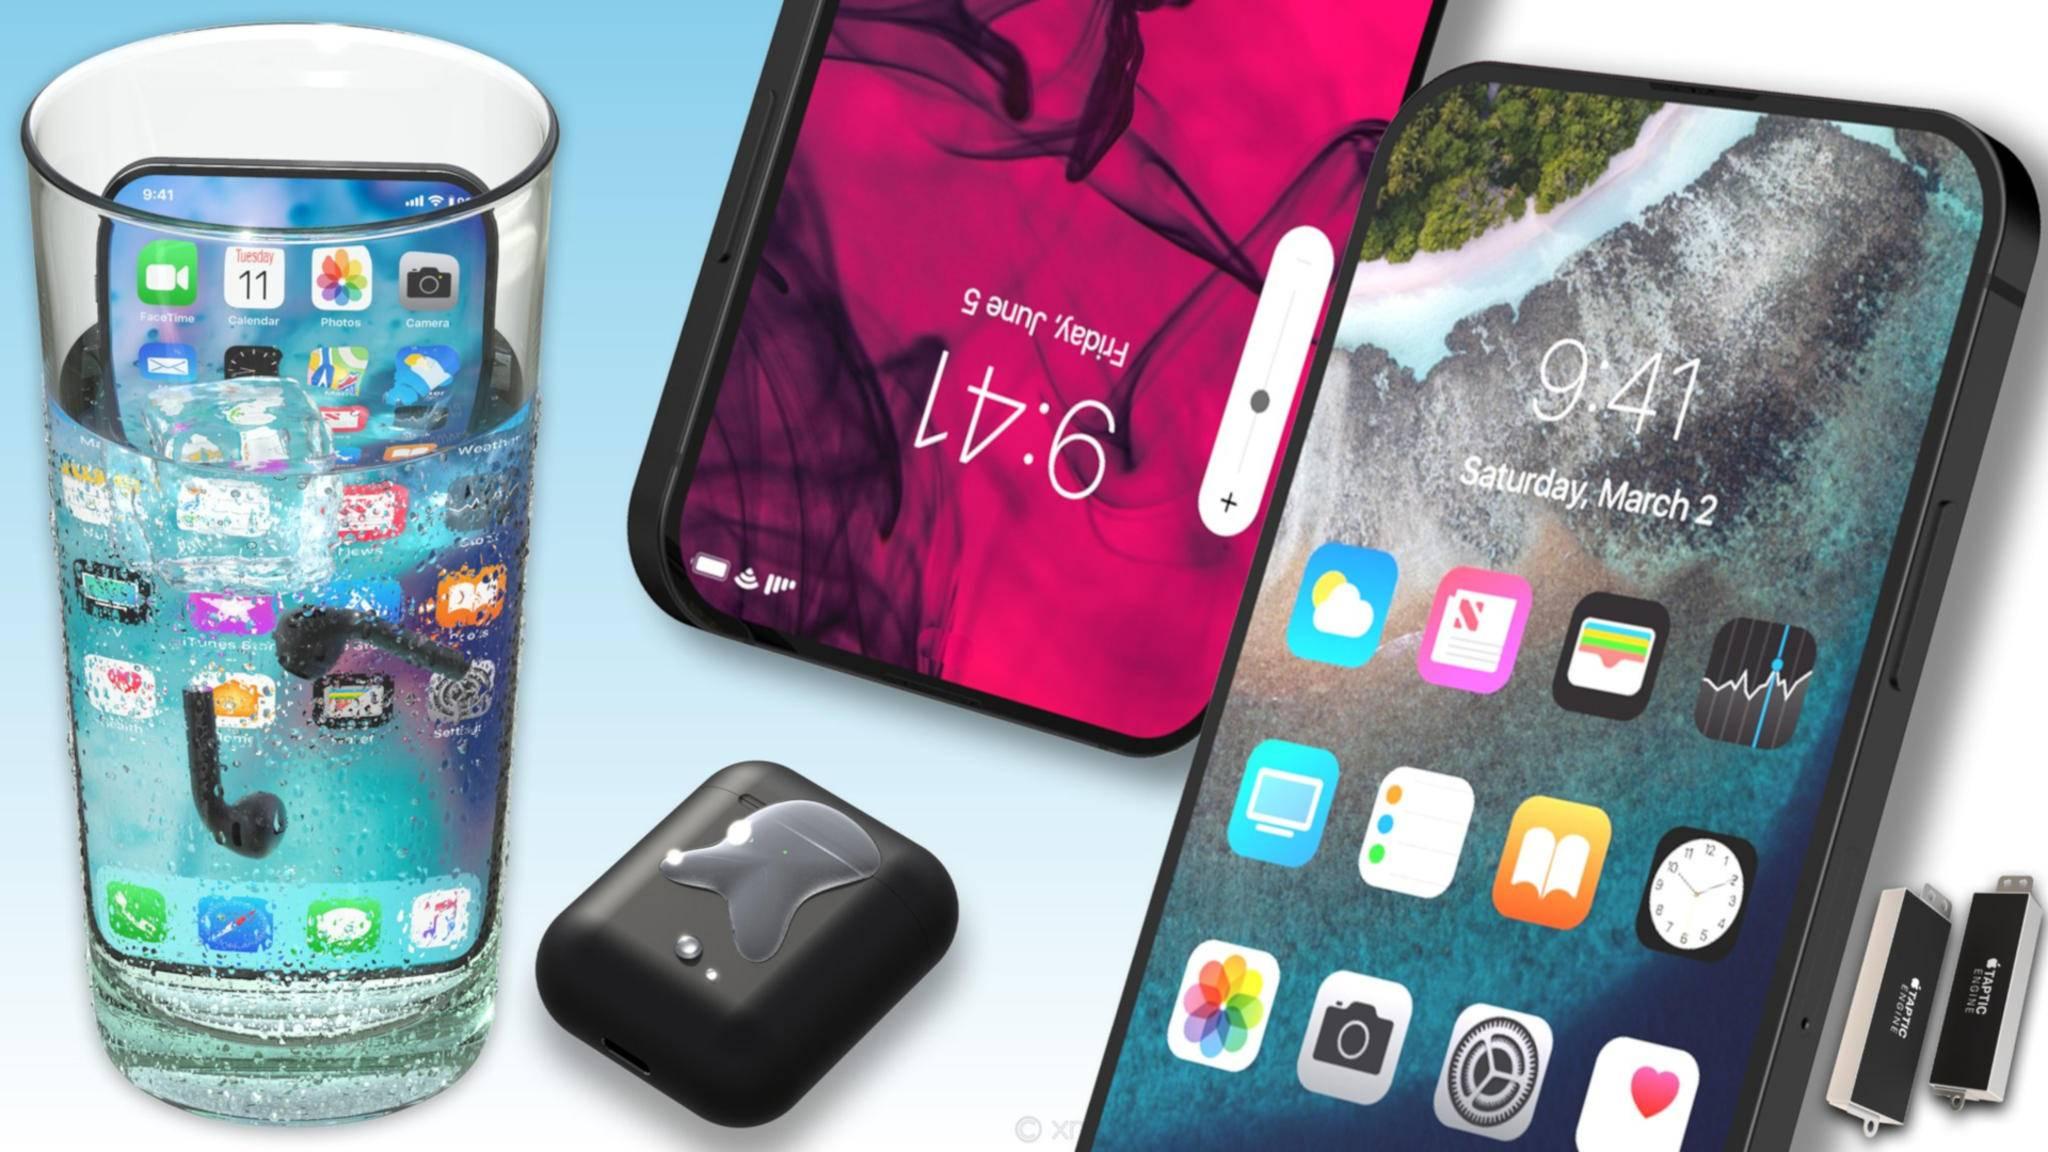 Das Display des iPhone 2019 soll angeblich sogar unter Wasser bedienbar sein.